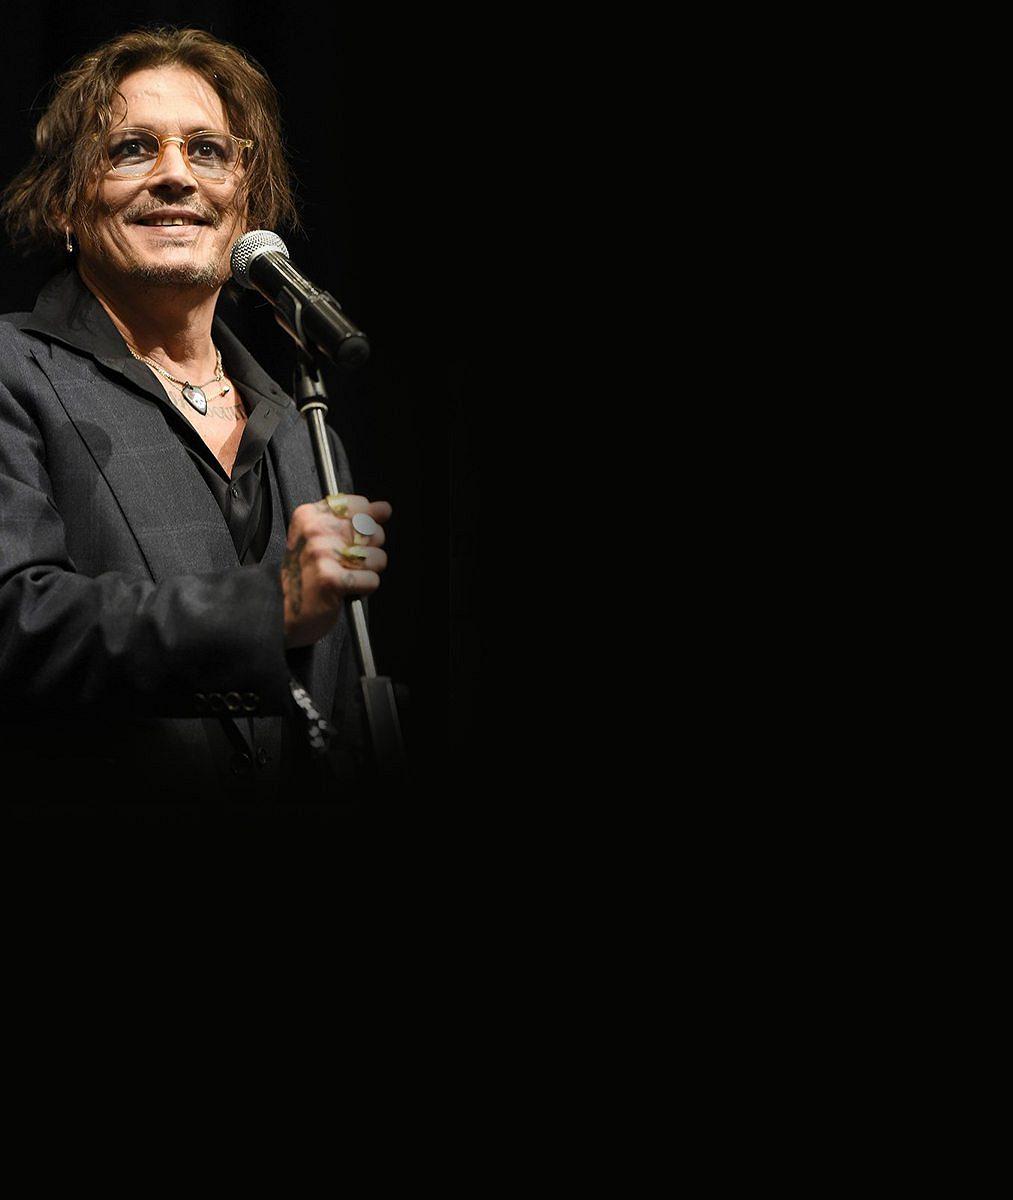 Johnny Depp ji ve Varech pozval na pokoj, strávila s ním tři dny! Blondýnka popsala, co s hercem zažila